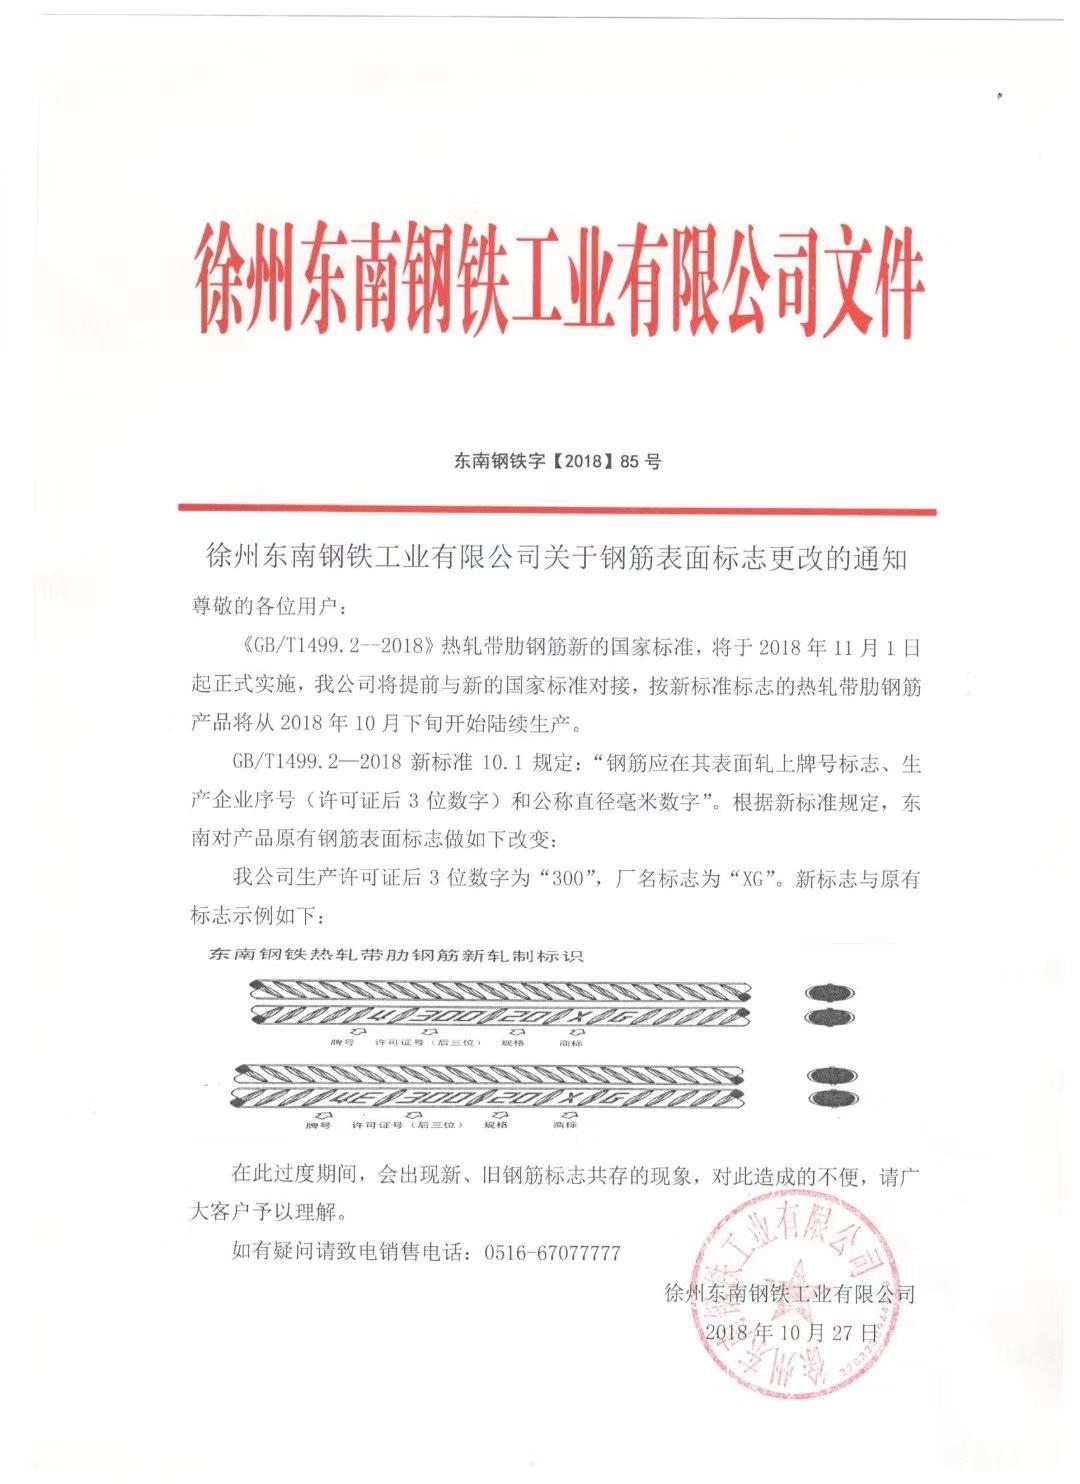 徐州东南钢铁更改钢筋标识通知